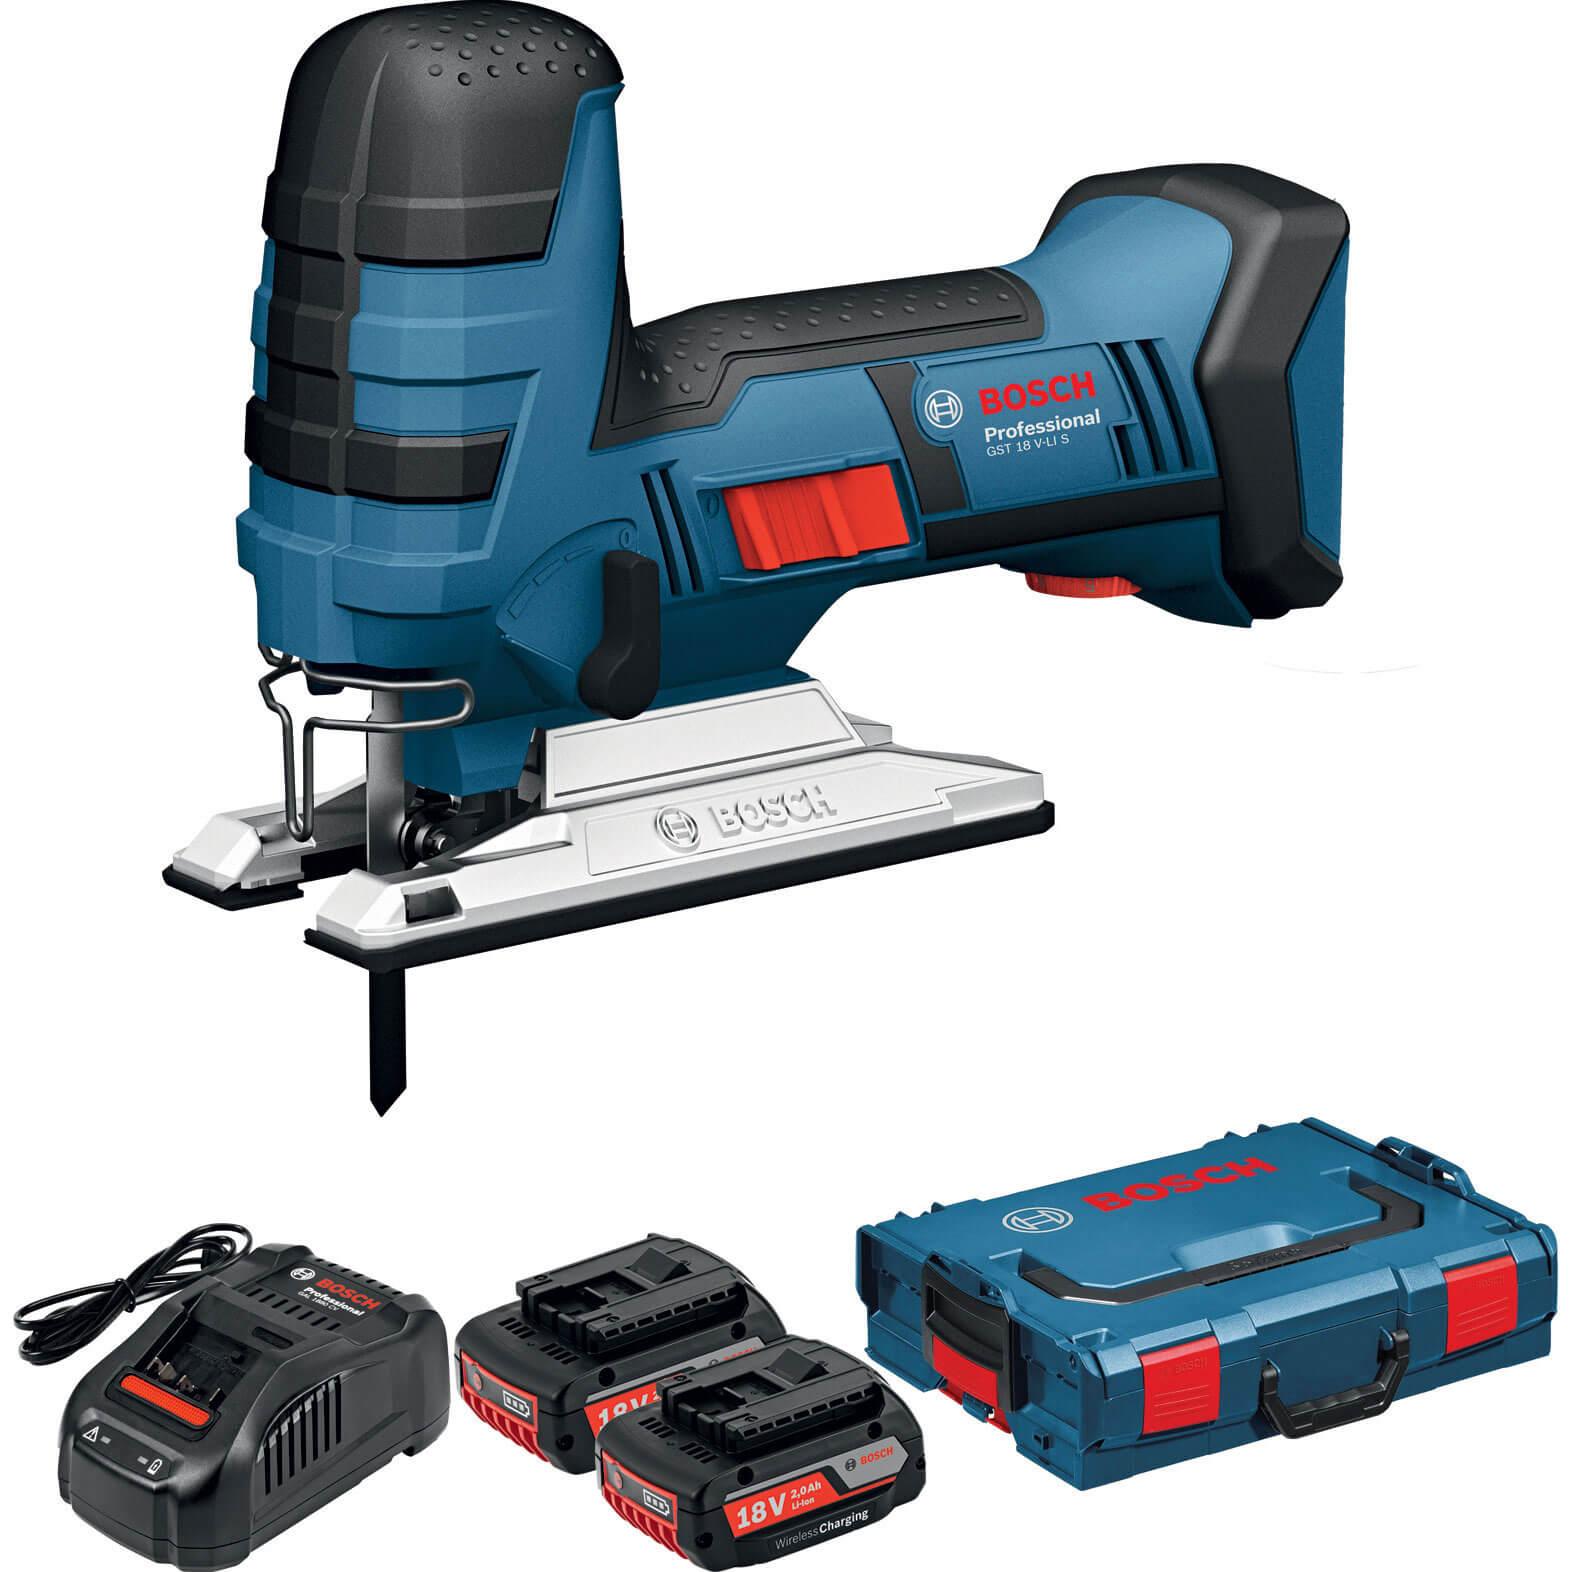 bosch gst 18 v li s 18v cordless jigsaw 2 x 5ah li ion charger case. Black Bedroom Furniture Sets. Home Design Ideas